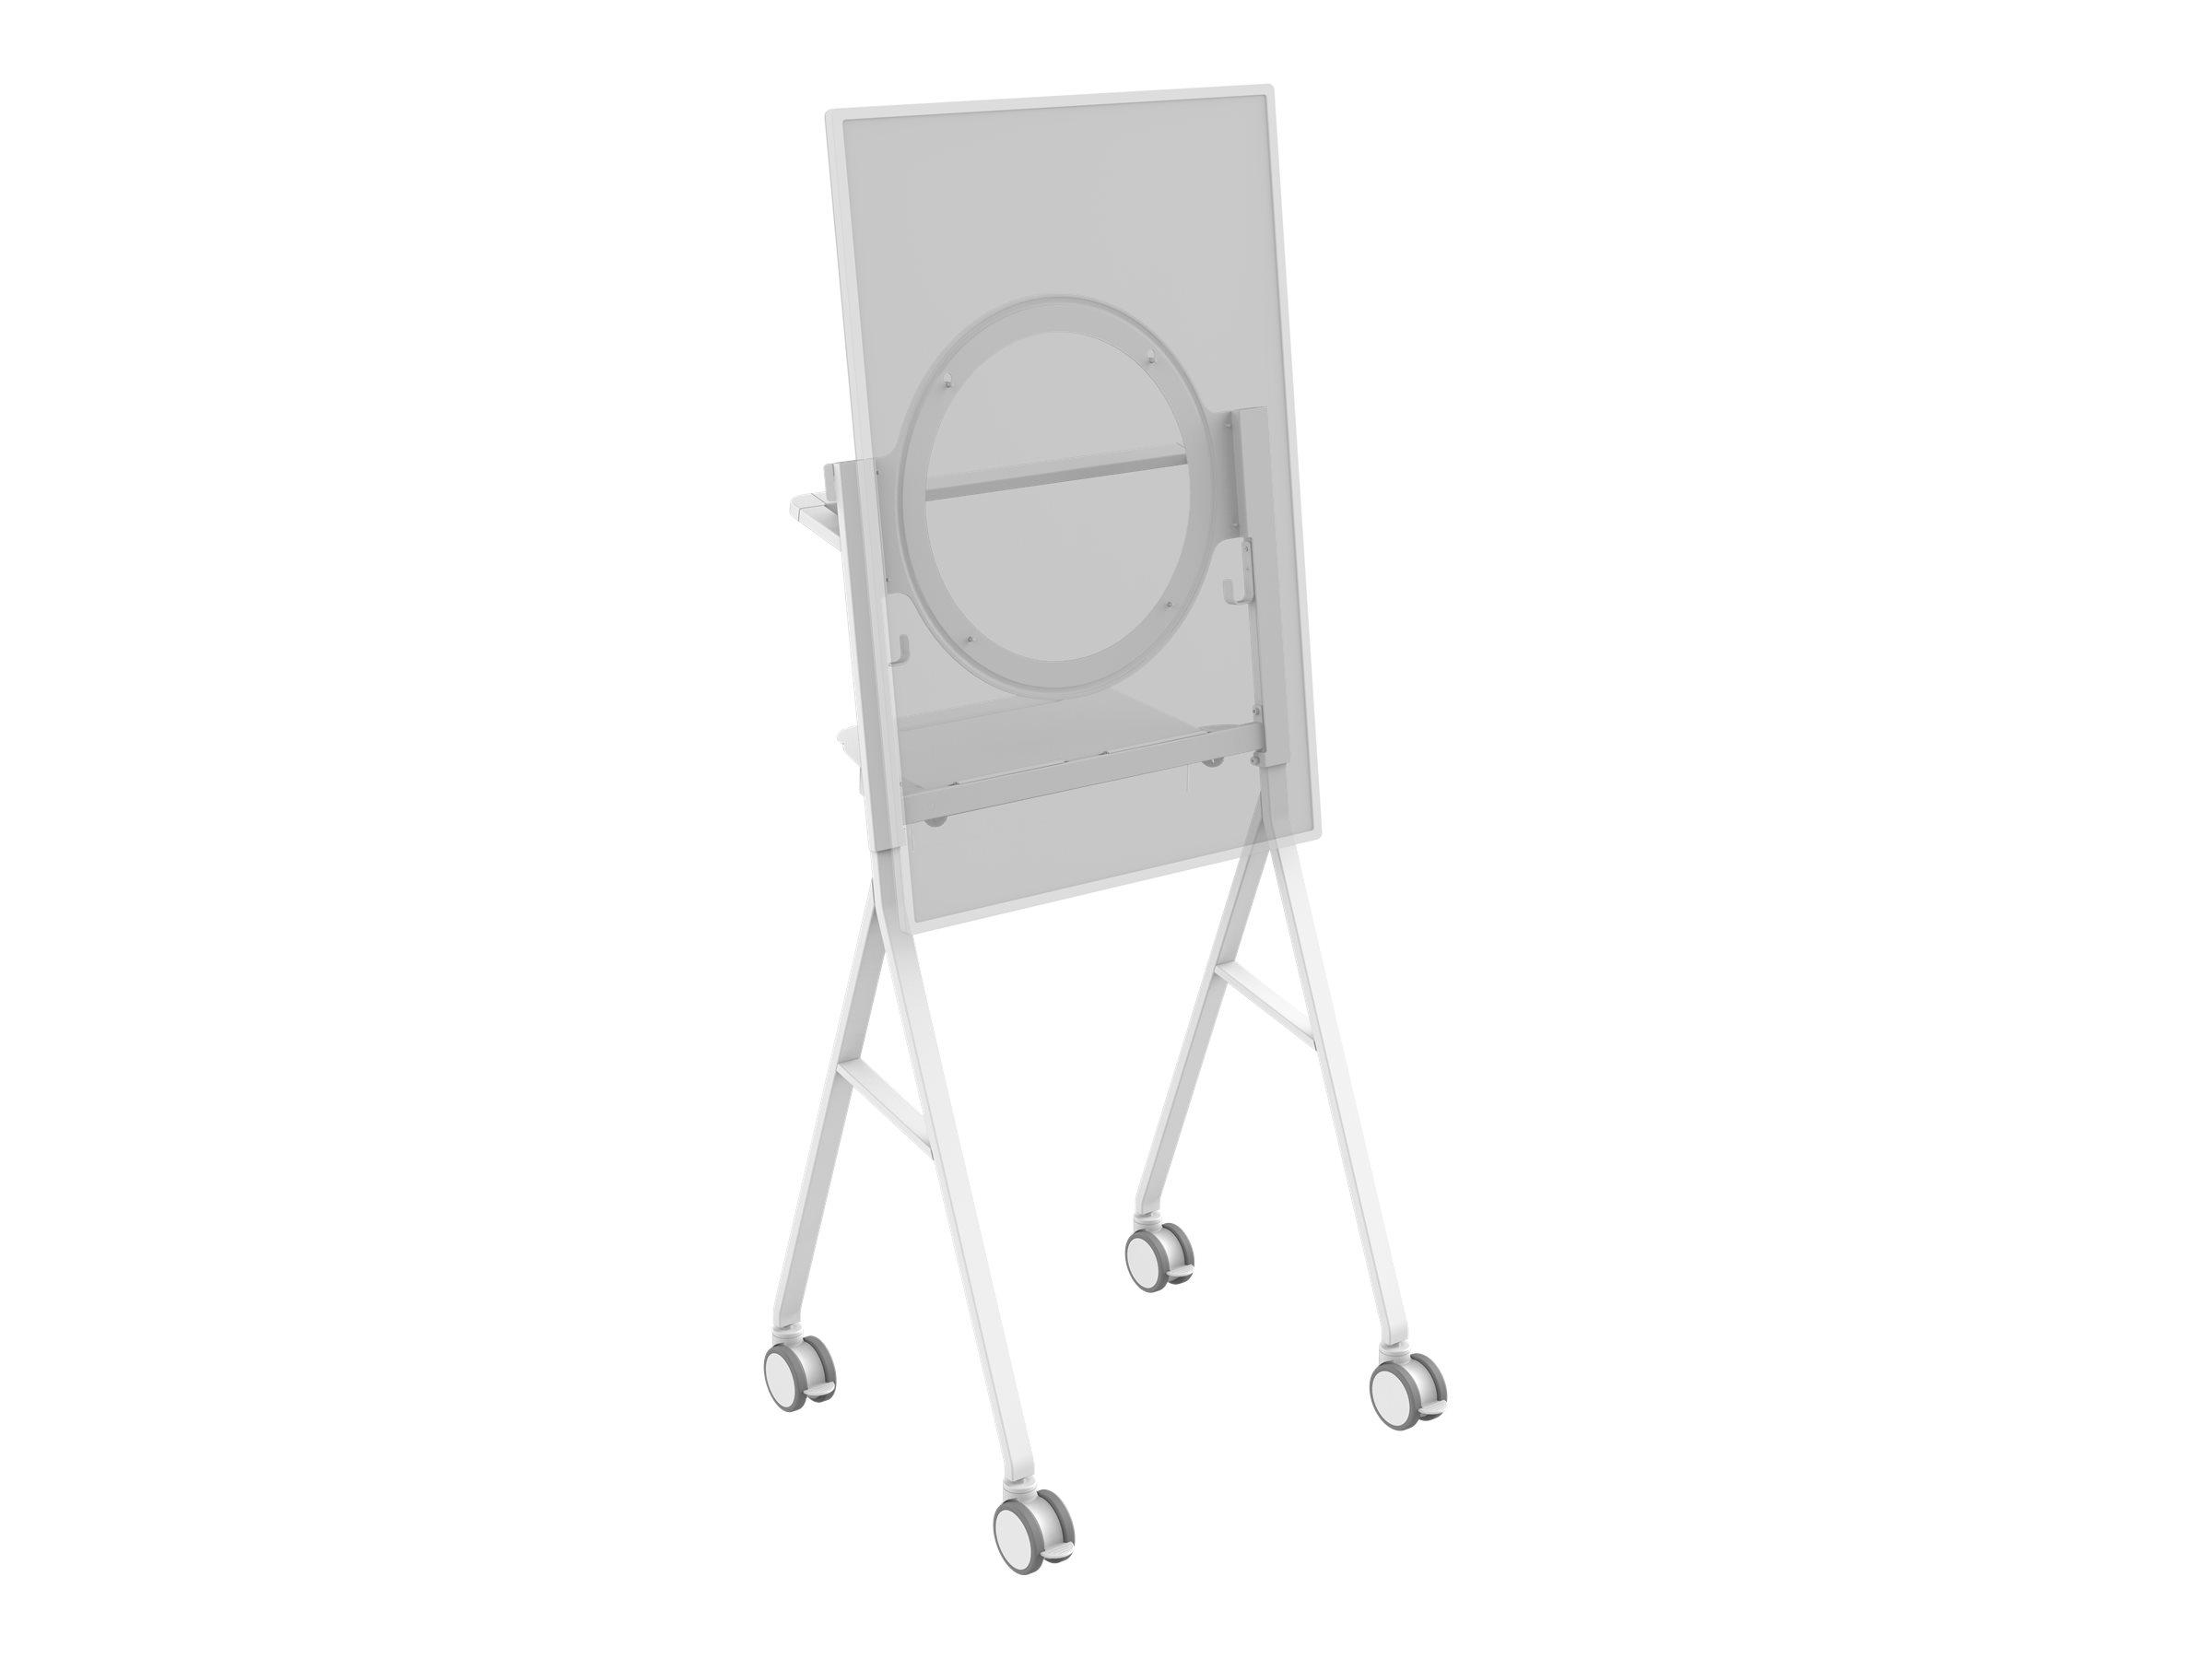 Vision vfm f10 wagen fuer interaktives whiteboard stahl weiss montageschnittstelle 350 x 350 mm 12687263 vfm f10 hb